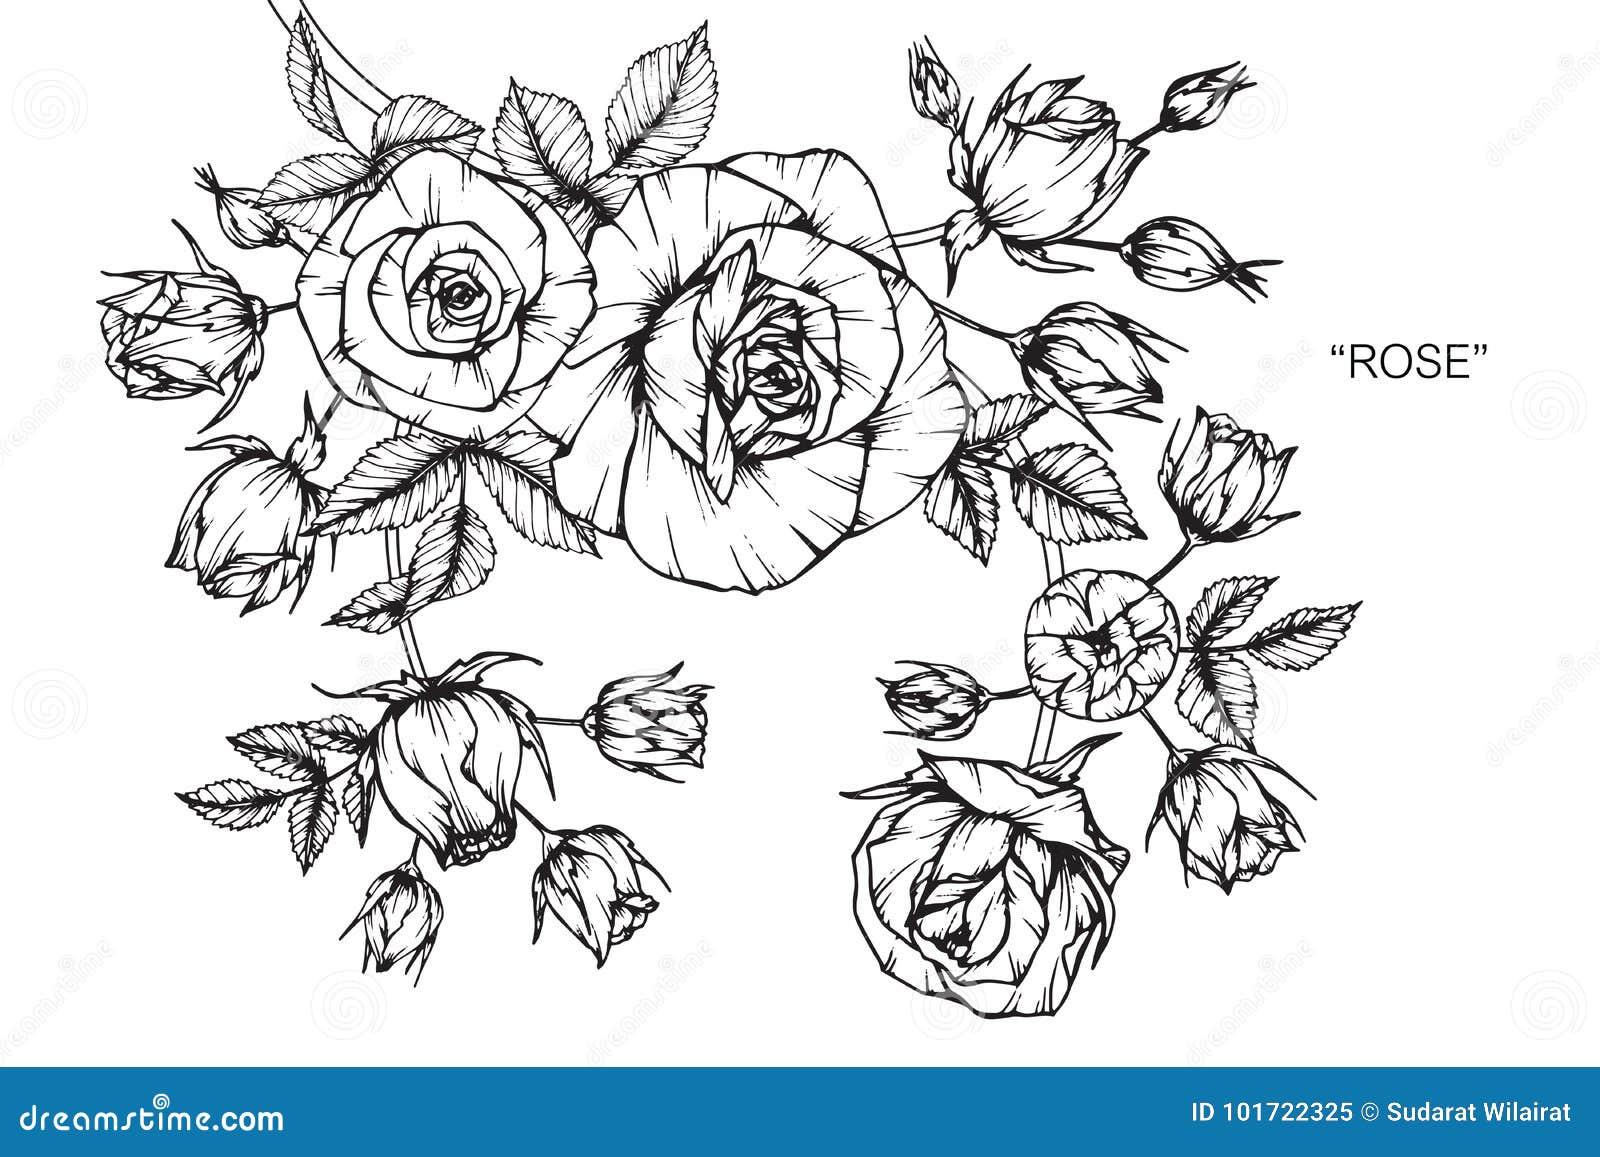 Dessin et croquis de fleur de rose illustration stock - Dessin fleur rose ...